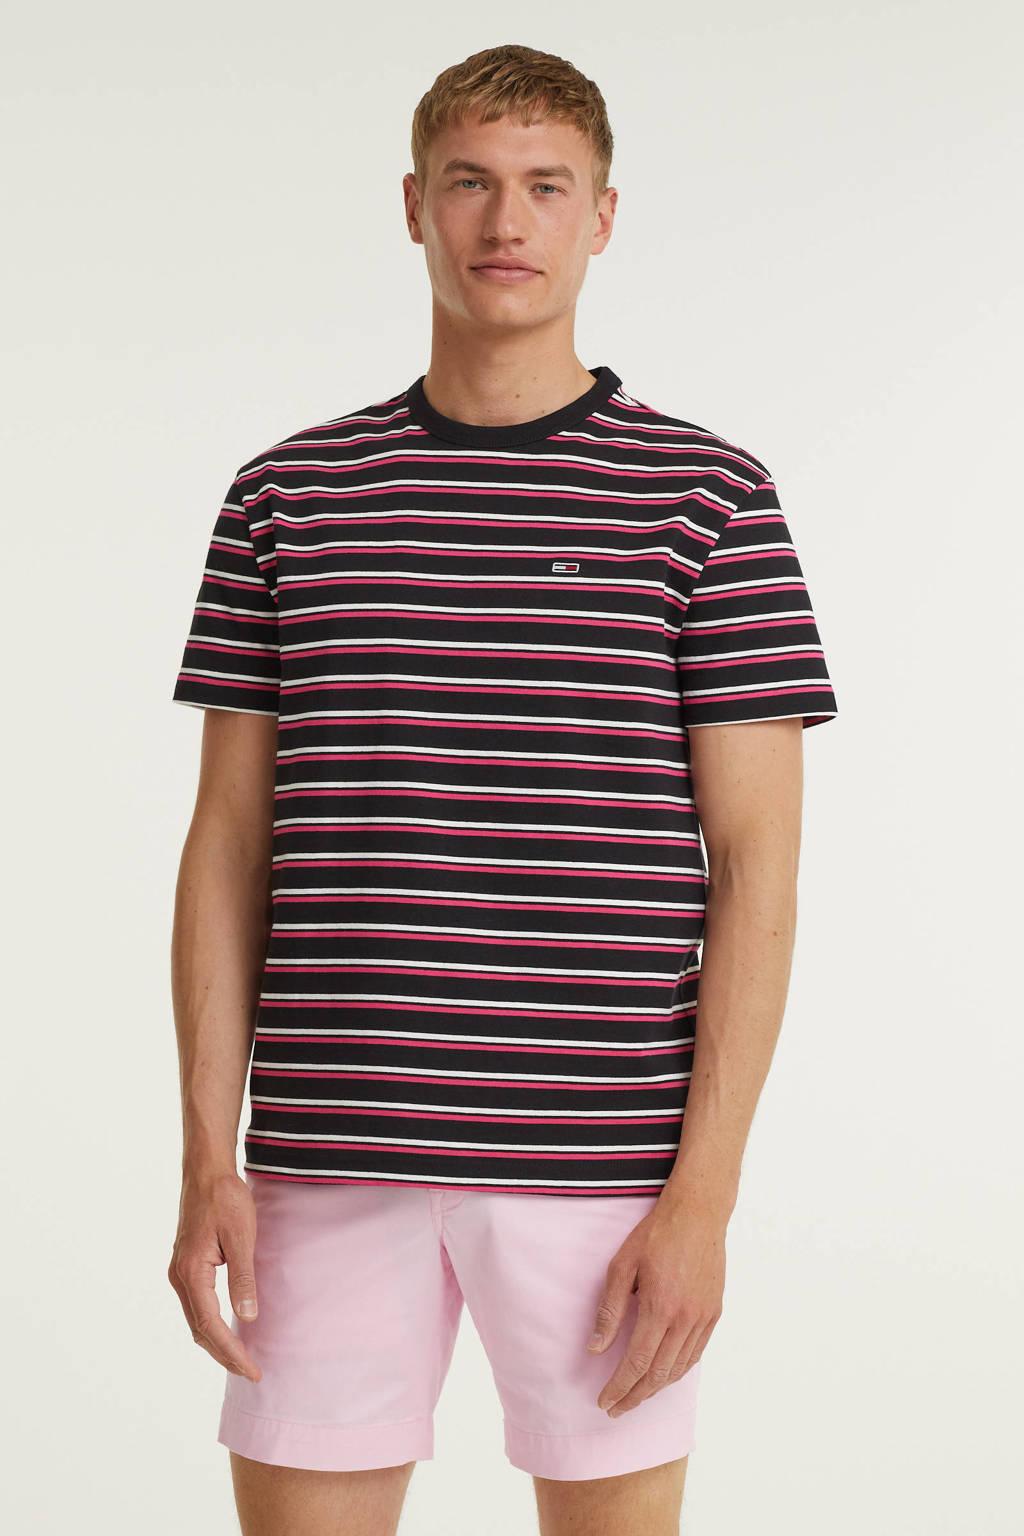 Tommy Jeans gestreept T-shirt van biologisch katoen zwart/roze, Zwart/roze